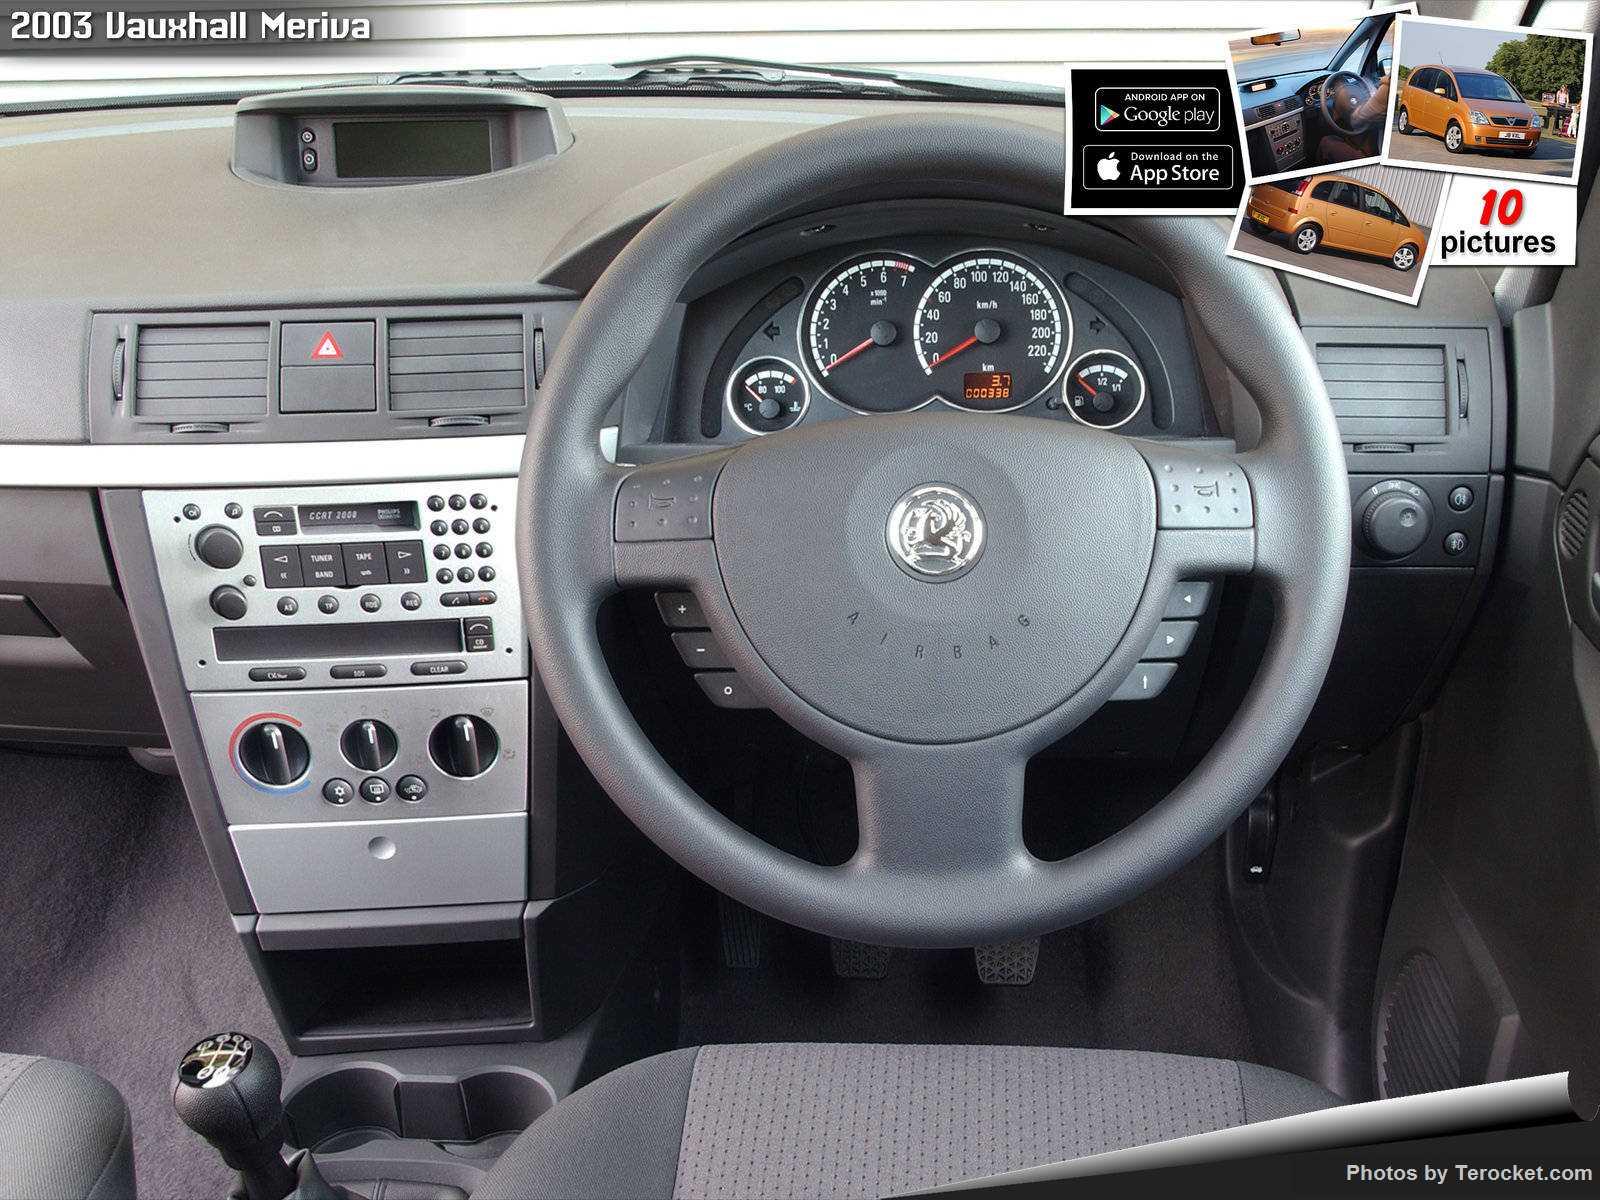 Hình ảnh xe ô tô Vauxhall Meriva 2003 & nội ngoại thất